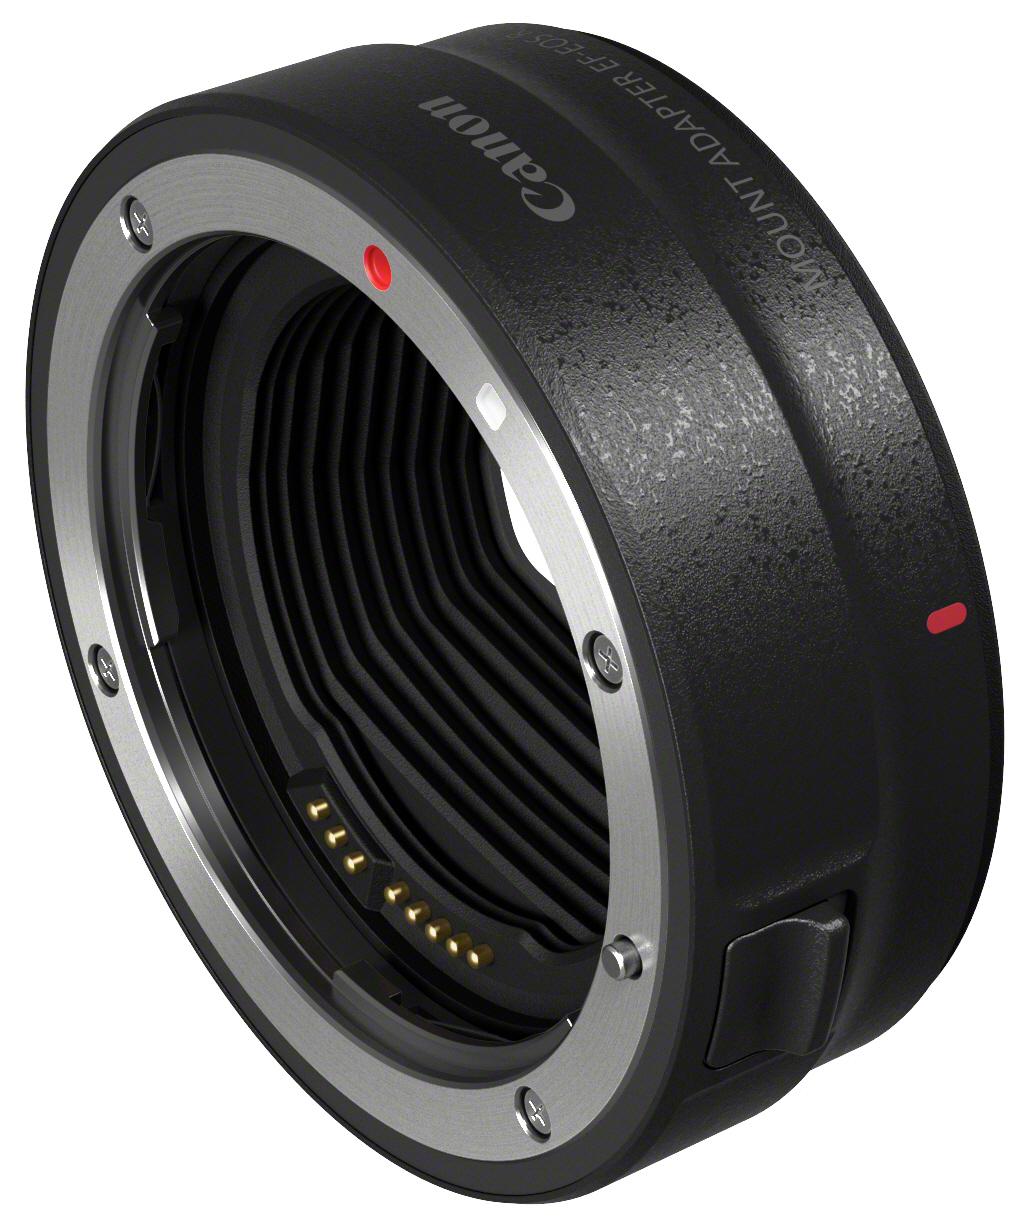 Der Mount Adapter EF EOS R von Canon. Abbildung: Canon